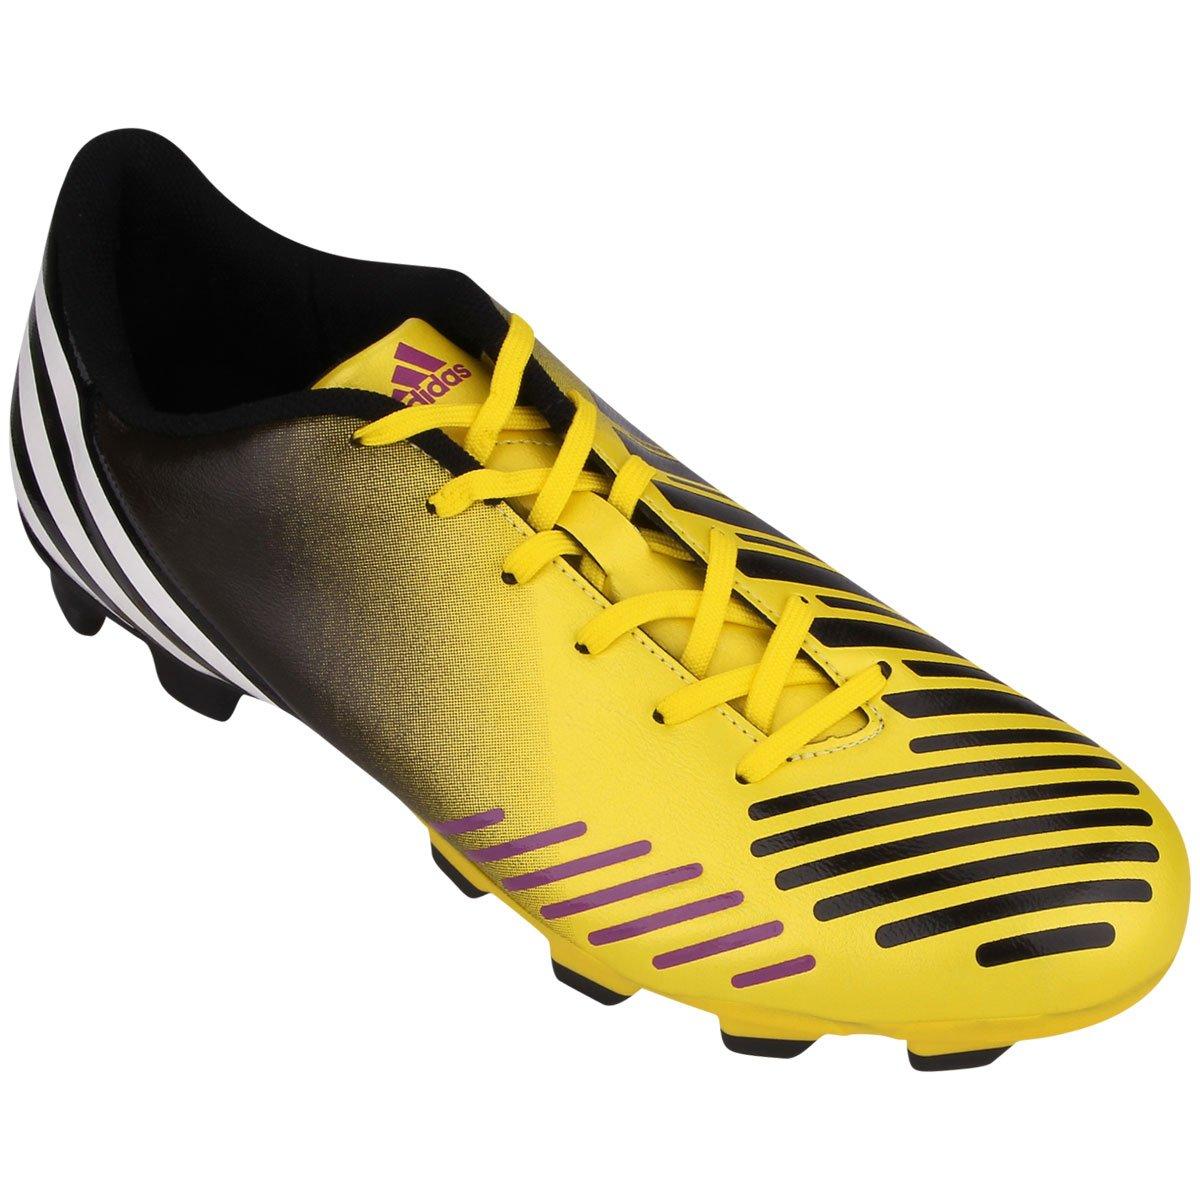 826e93c865030 Chuteira Adidas LZ TRX FG - Compre Agora